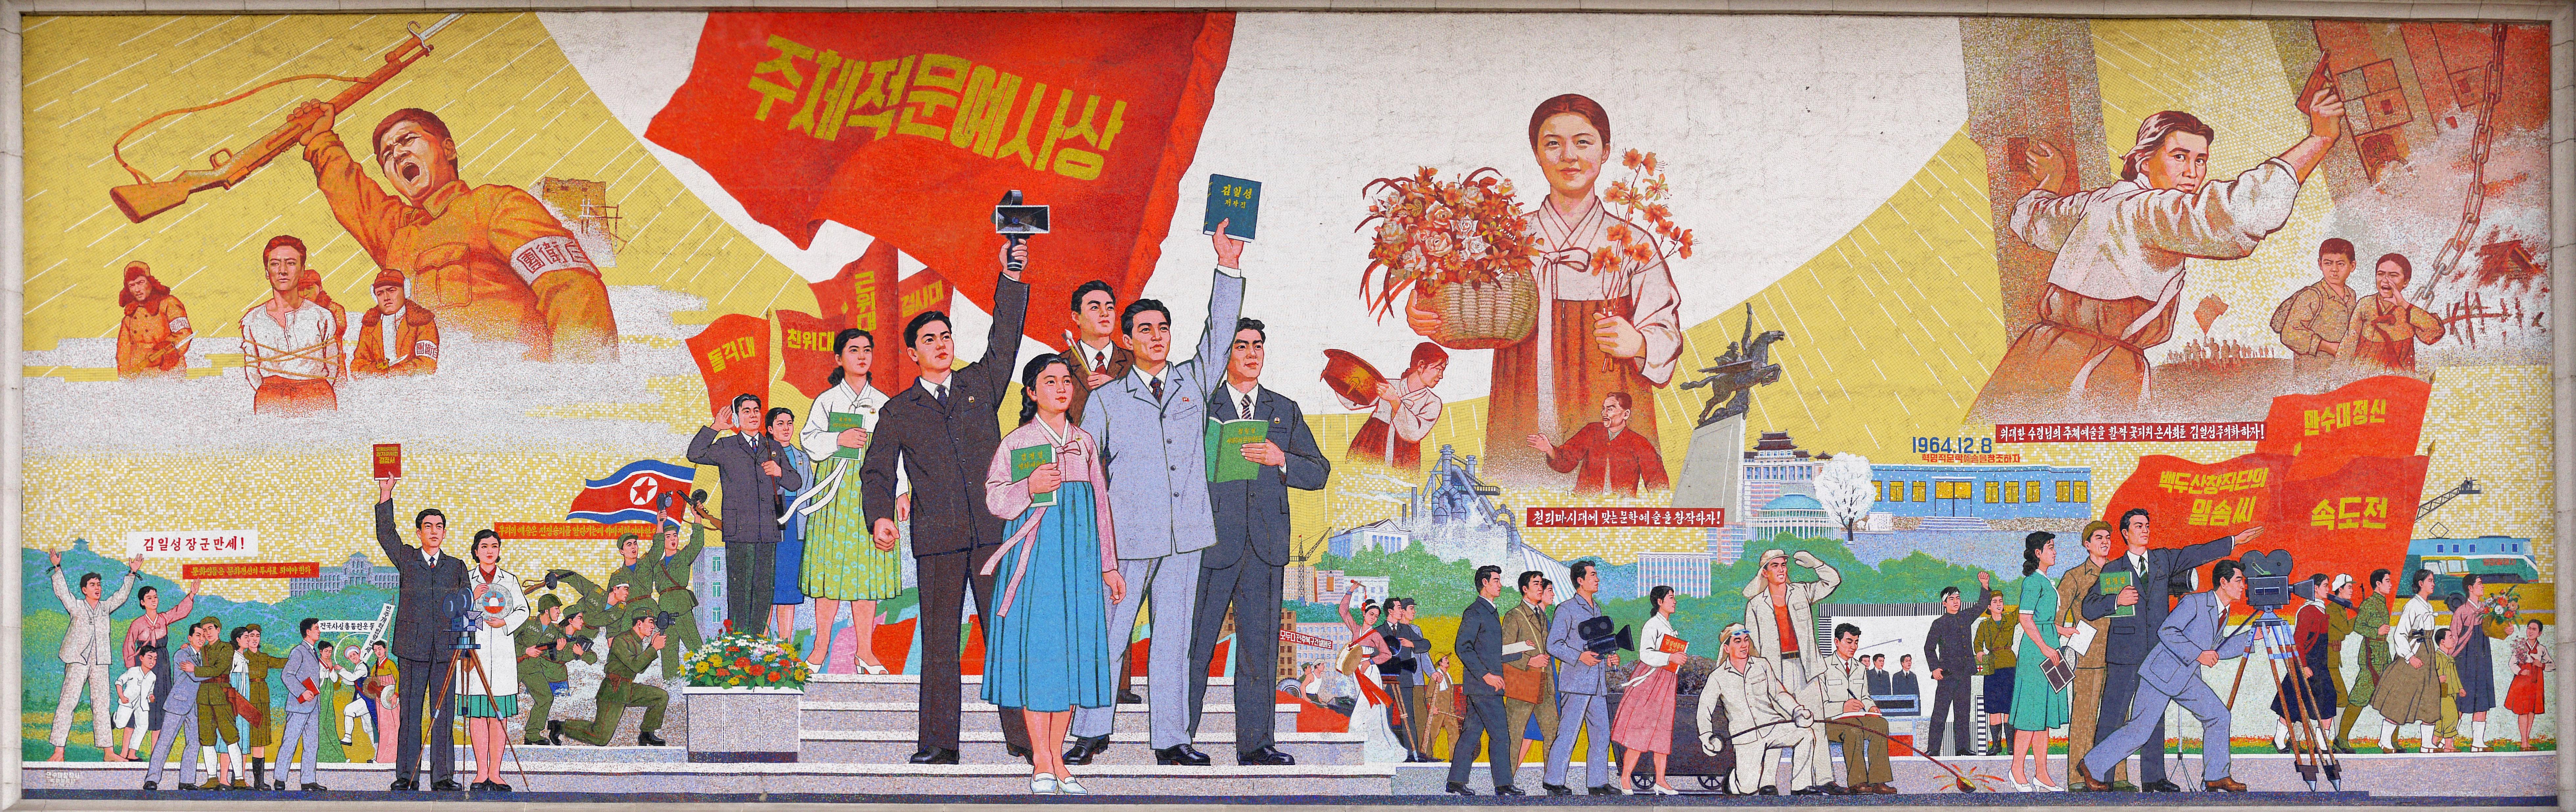 Pyongyang Film Studios mural